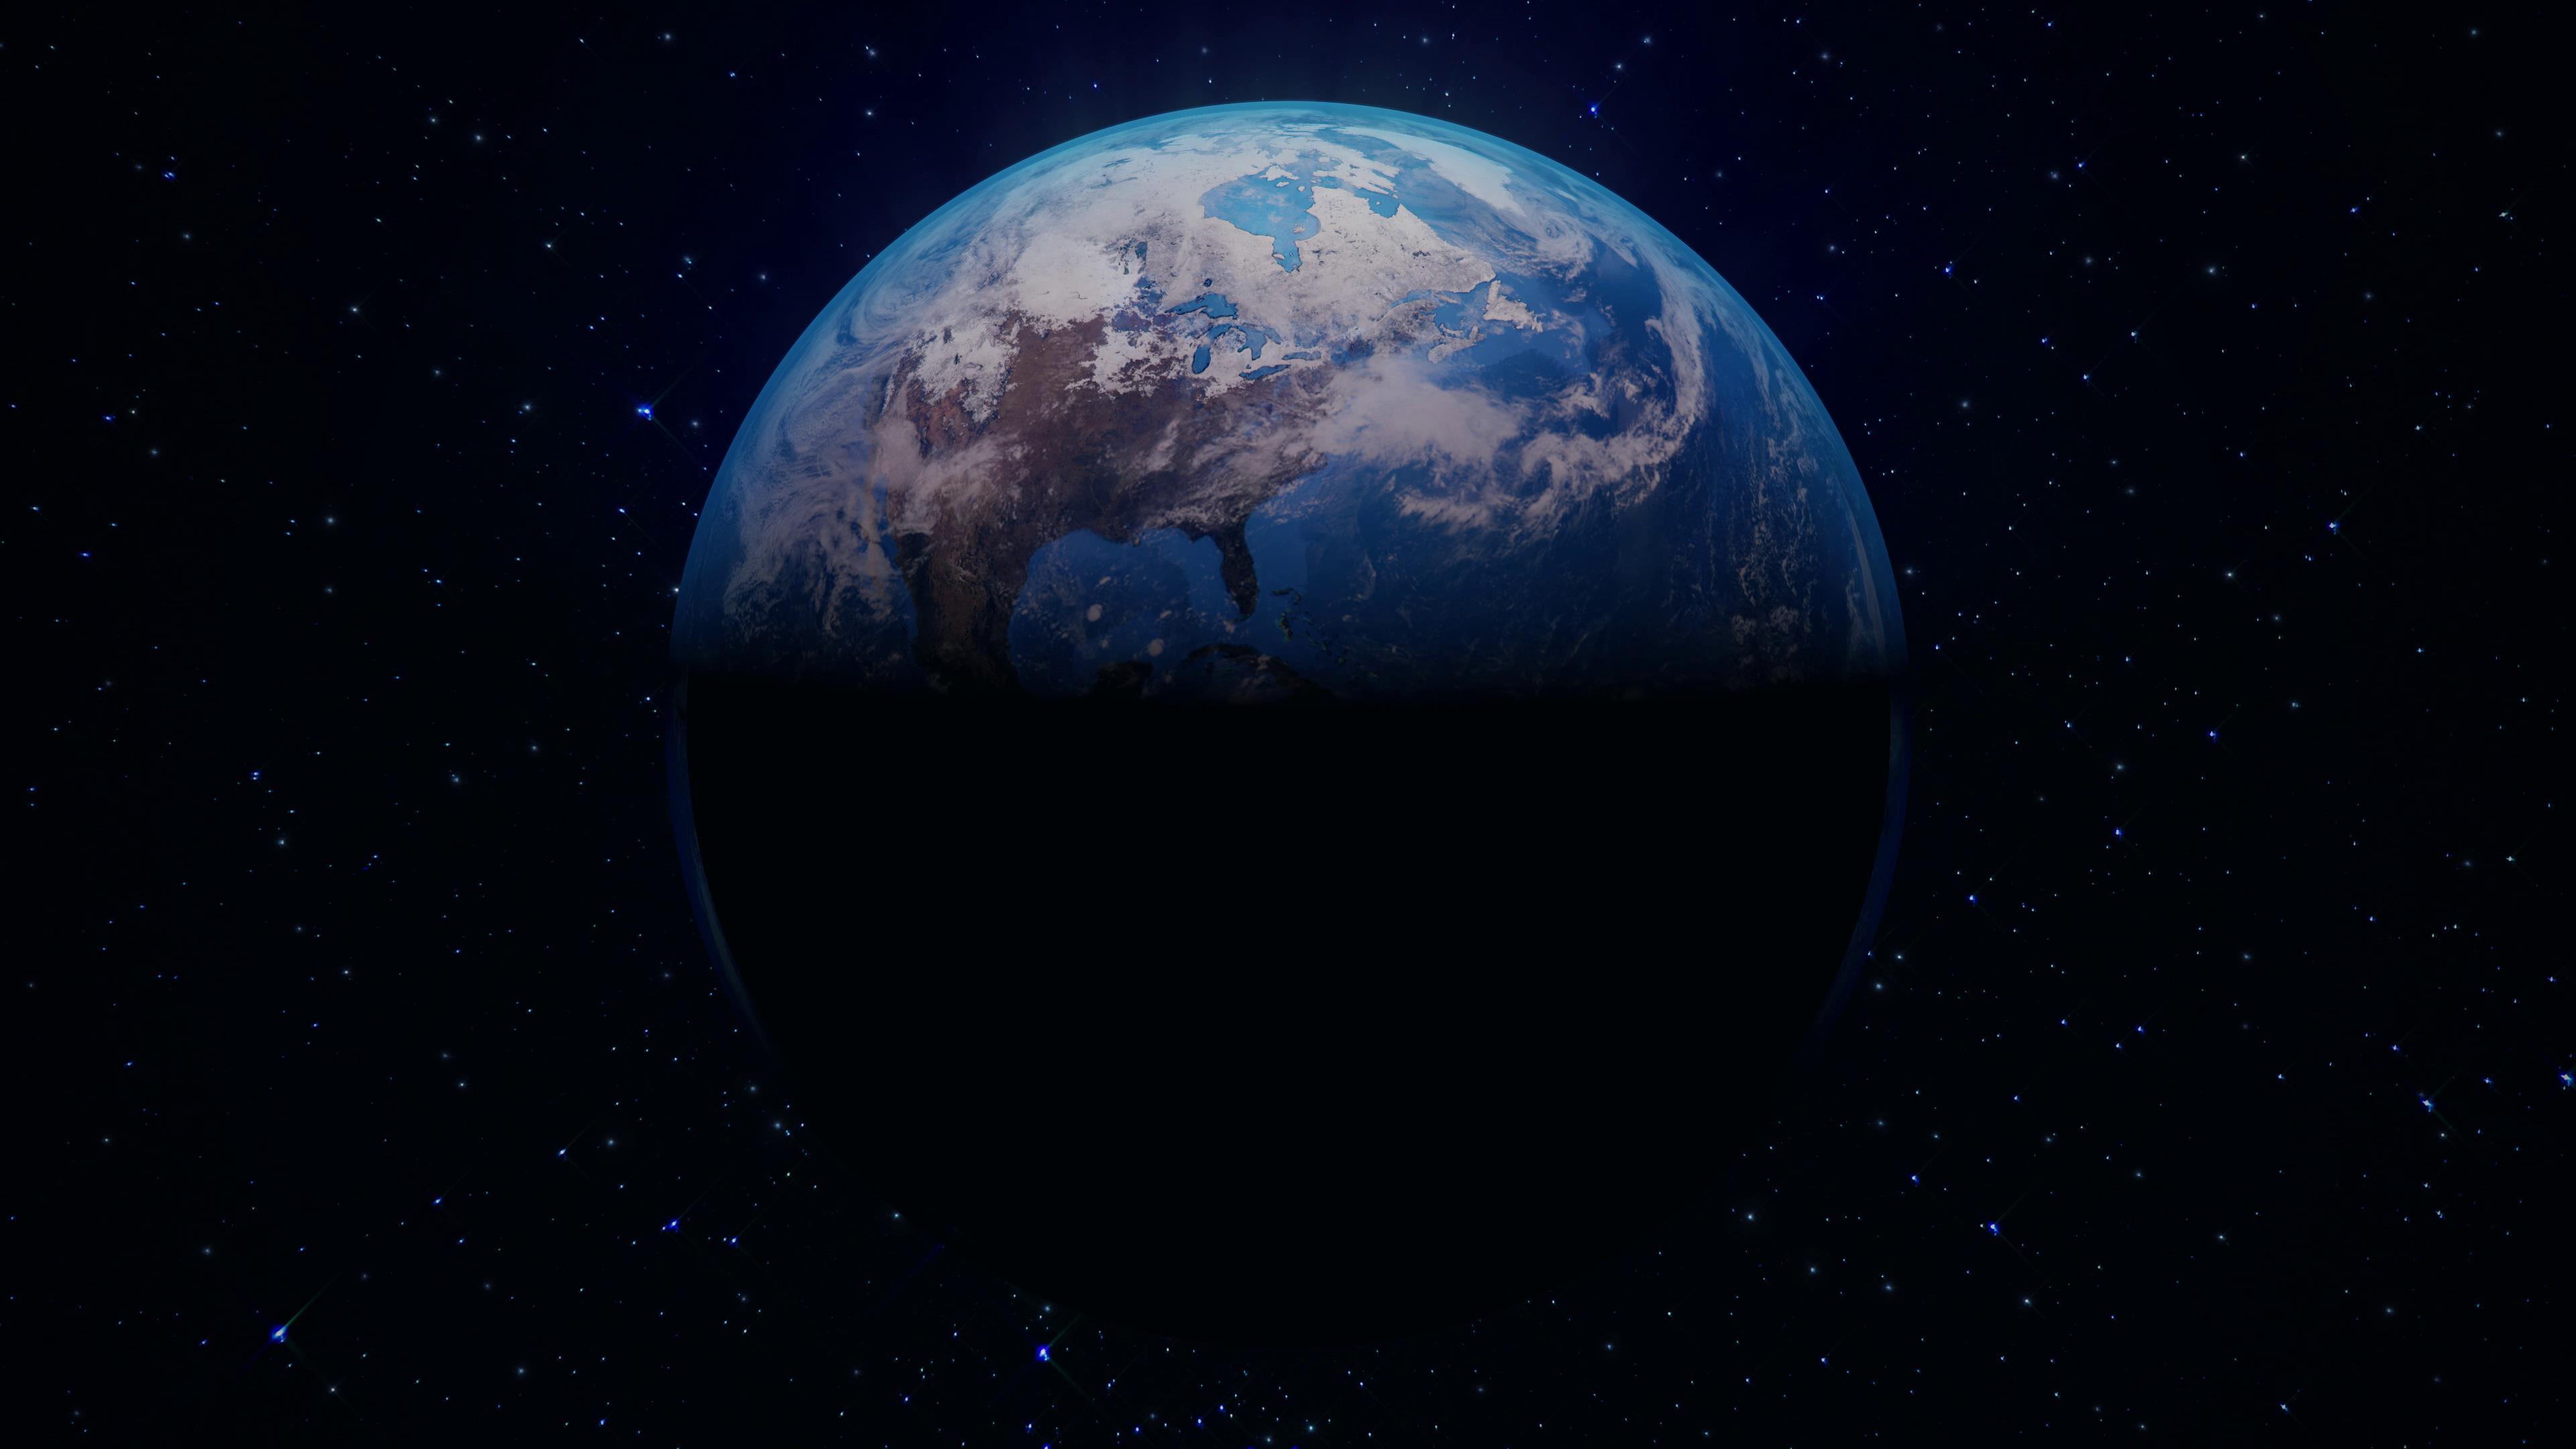 闪耀星空光照亮地球渐渐展示出来视频素材